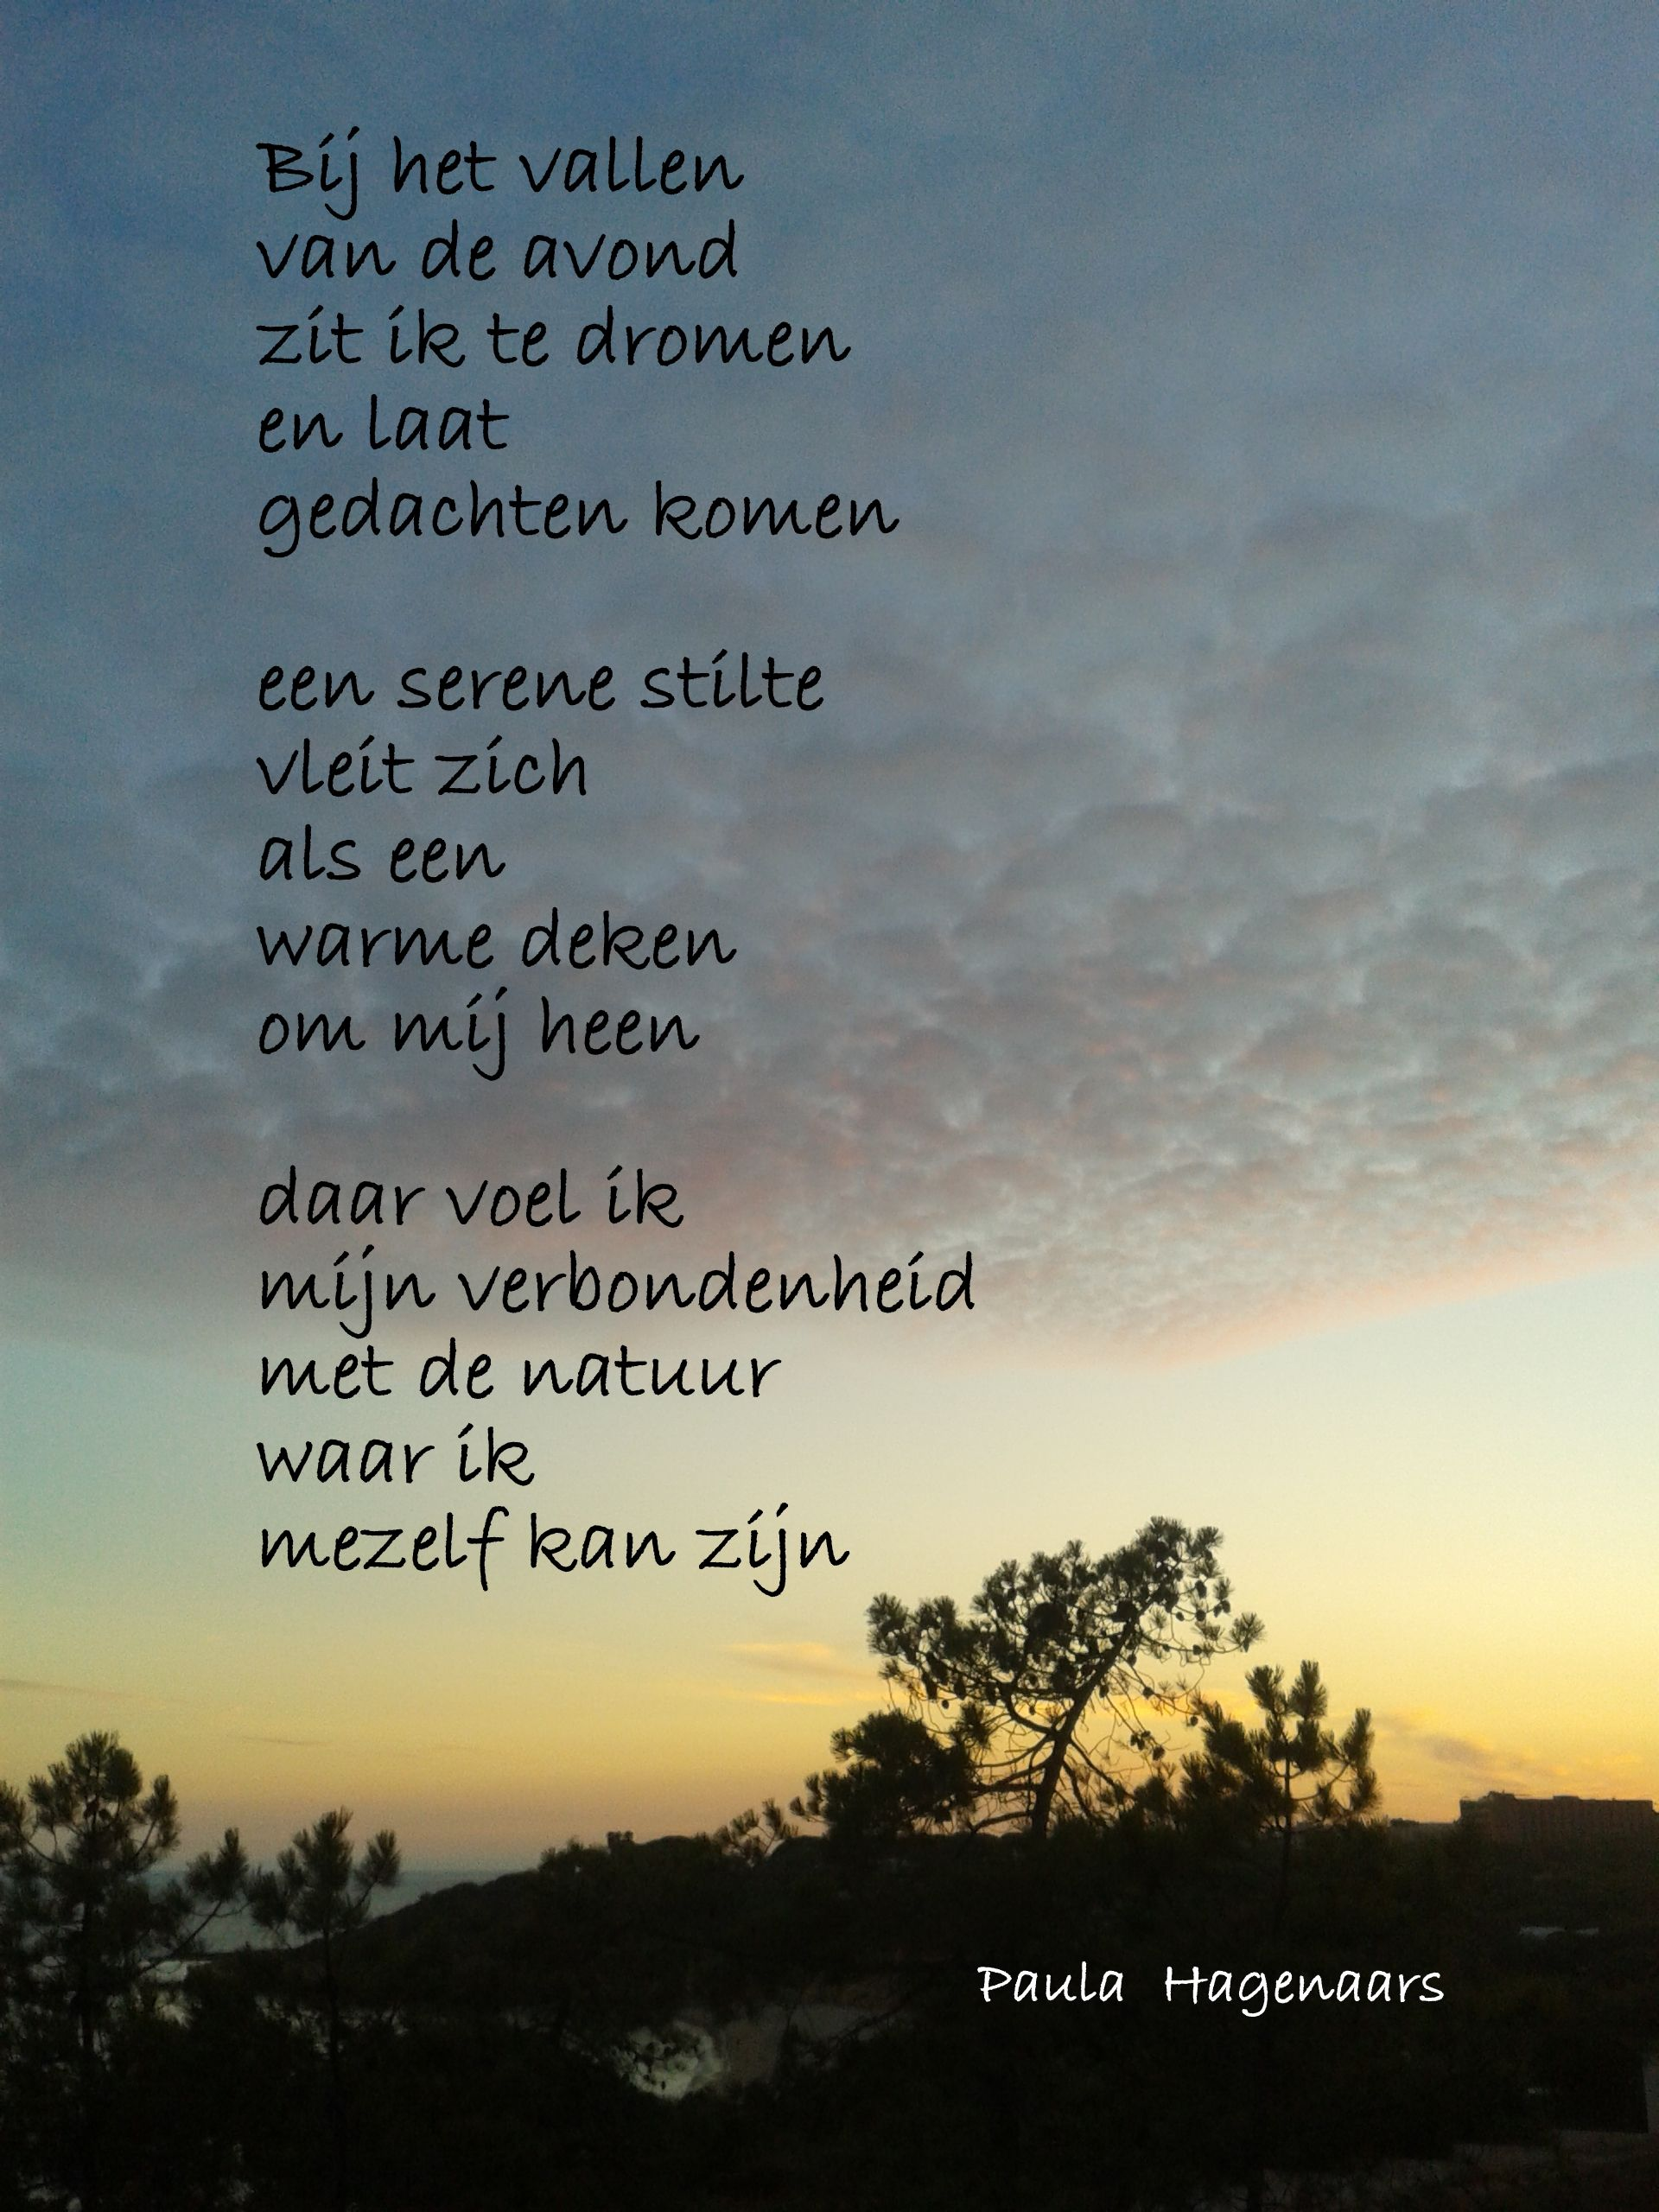 Citaten Uit Gedichten : Mijmermoment bij het vallen van de avond versjes en